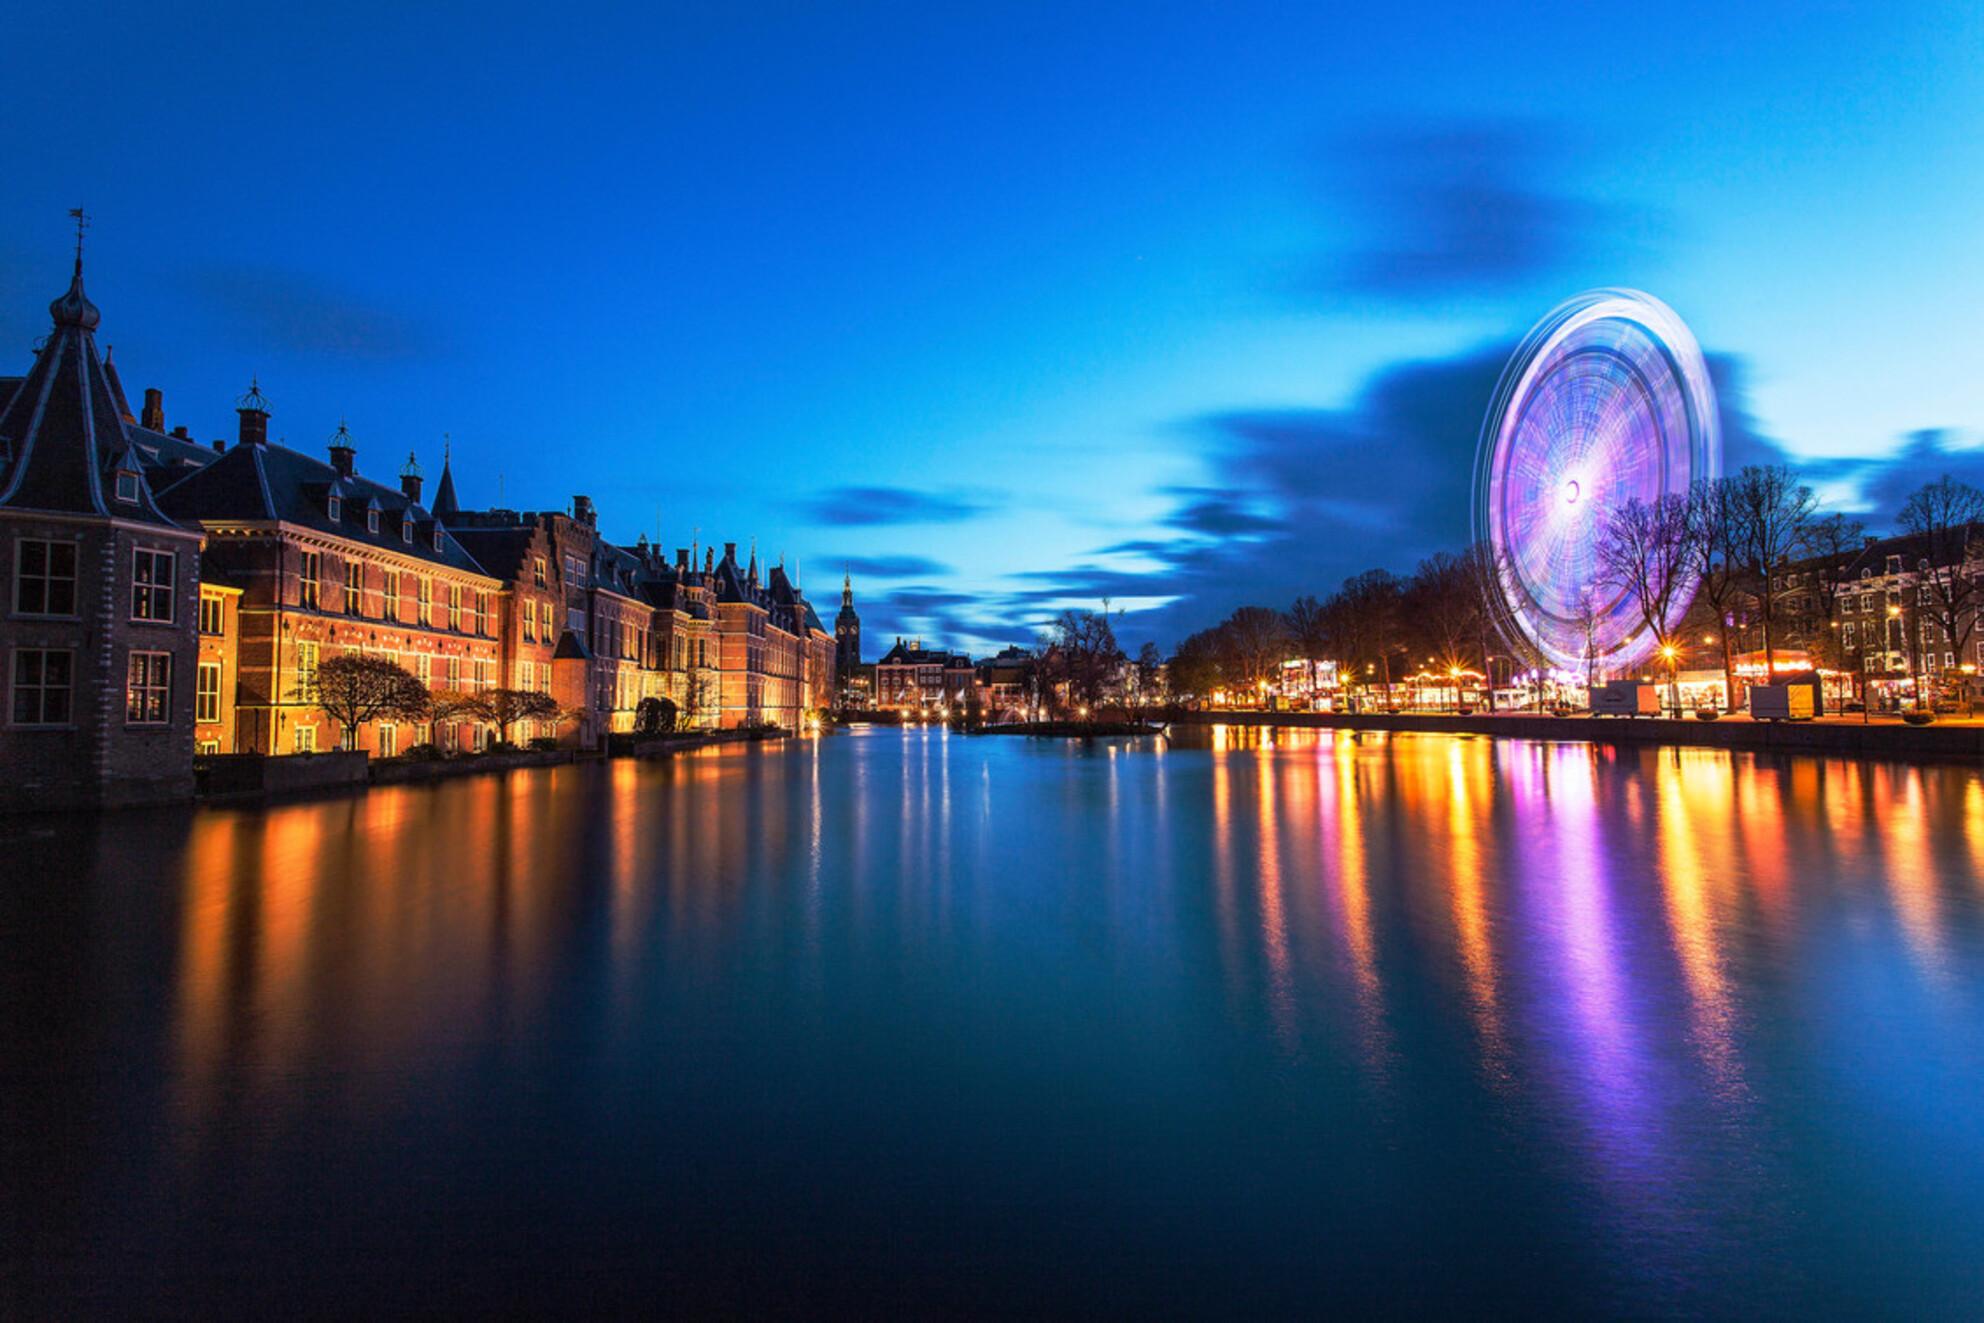 Kermis aan het Lange Voorhout te Den Haag. - - - foto door lsaejo1 op 25-04-2016 - deze foto bevat: water, architectuur, landschap, kermis, Den Haag, blauwe uur, lange sluitertijd, lange voorhout - Deze foto mag gebruikt worden in een Zoom.nl publicatie